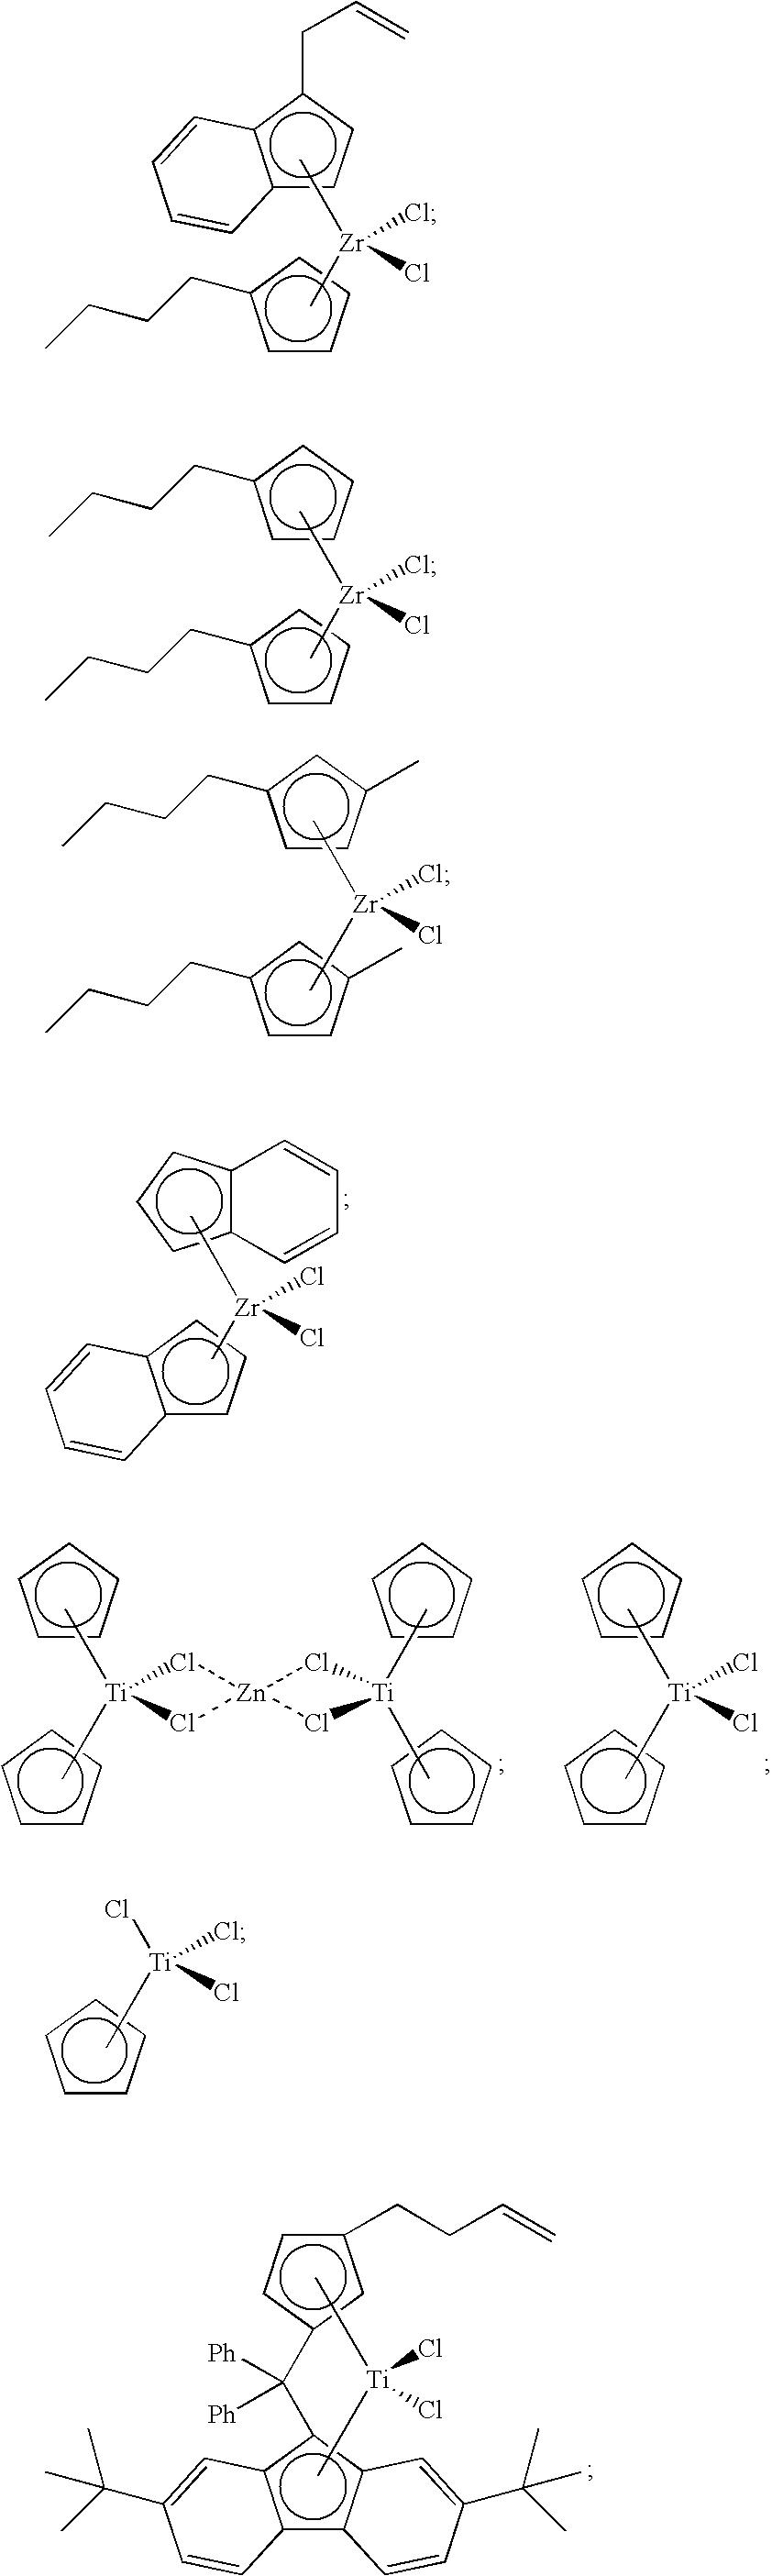 Figure US08329834-20121211-C00045